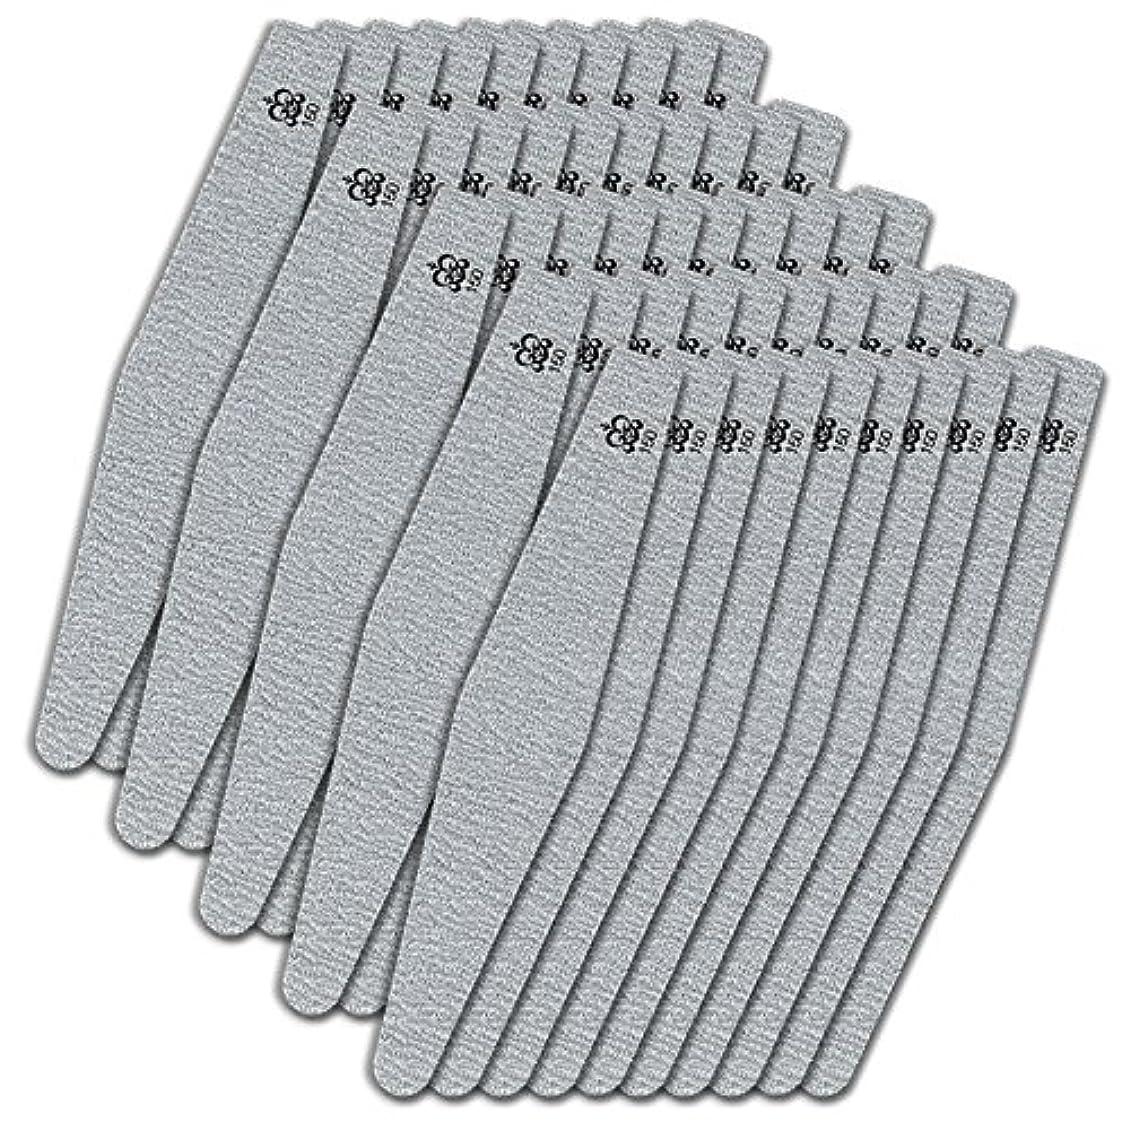 再生的信頼性のあるノートミクレア(MICREA) ミクレア プロフェッショナルファイル バリューパック ダイヤ型 150G 50本入